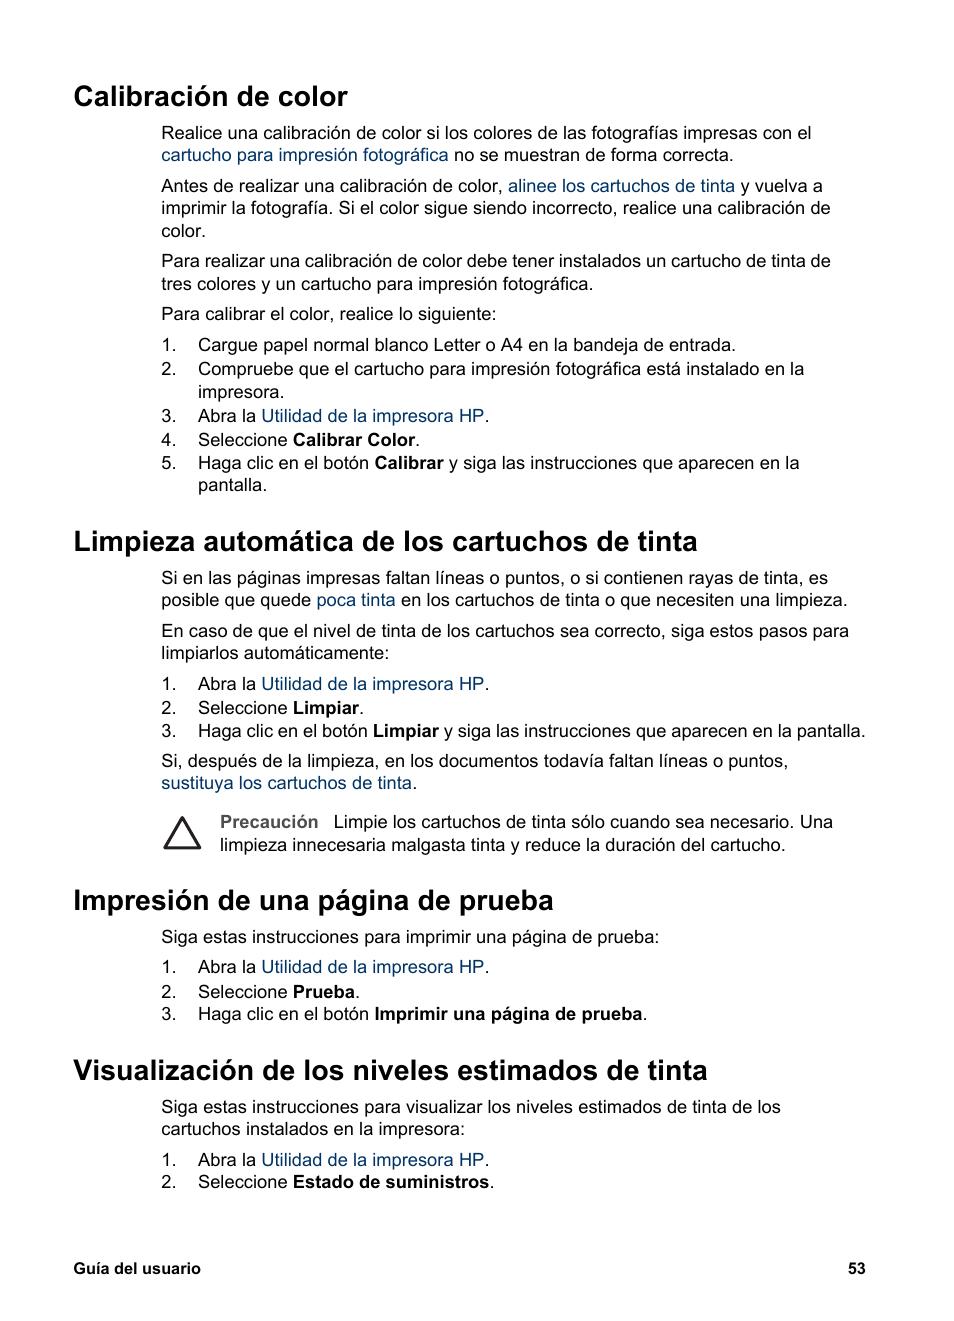 Lujo Imprimir El Color De La Página De Prueba Bosquejo - Dibujos ...